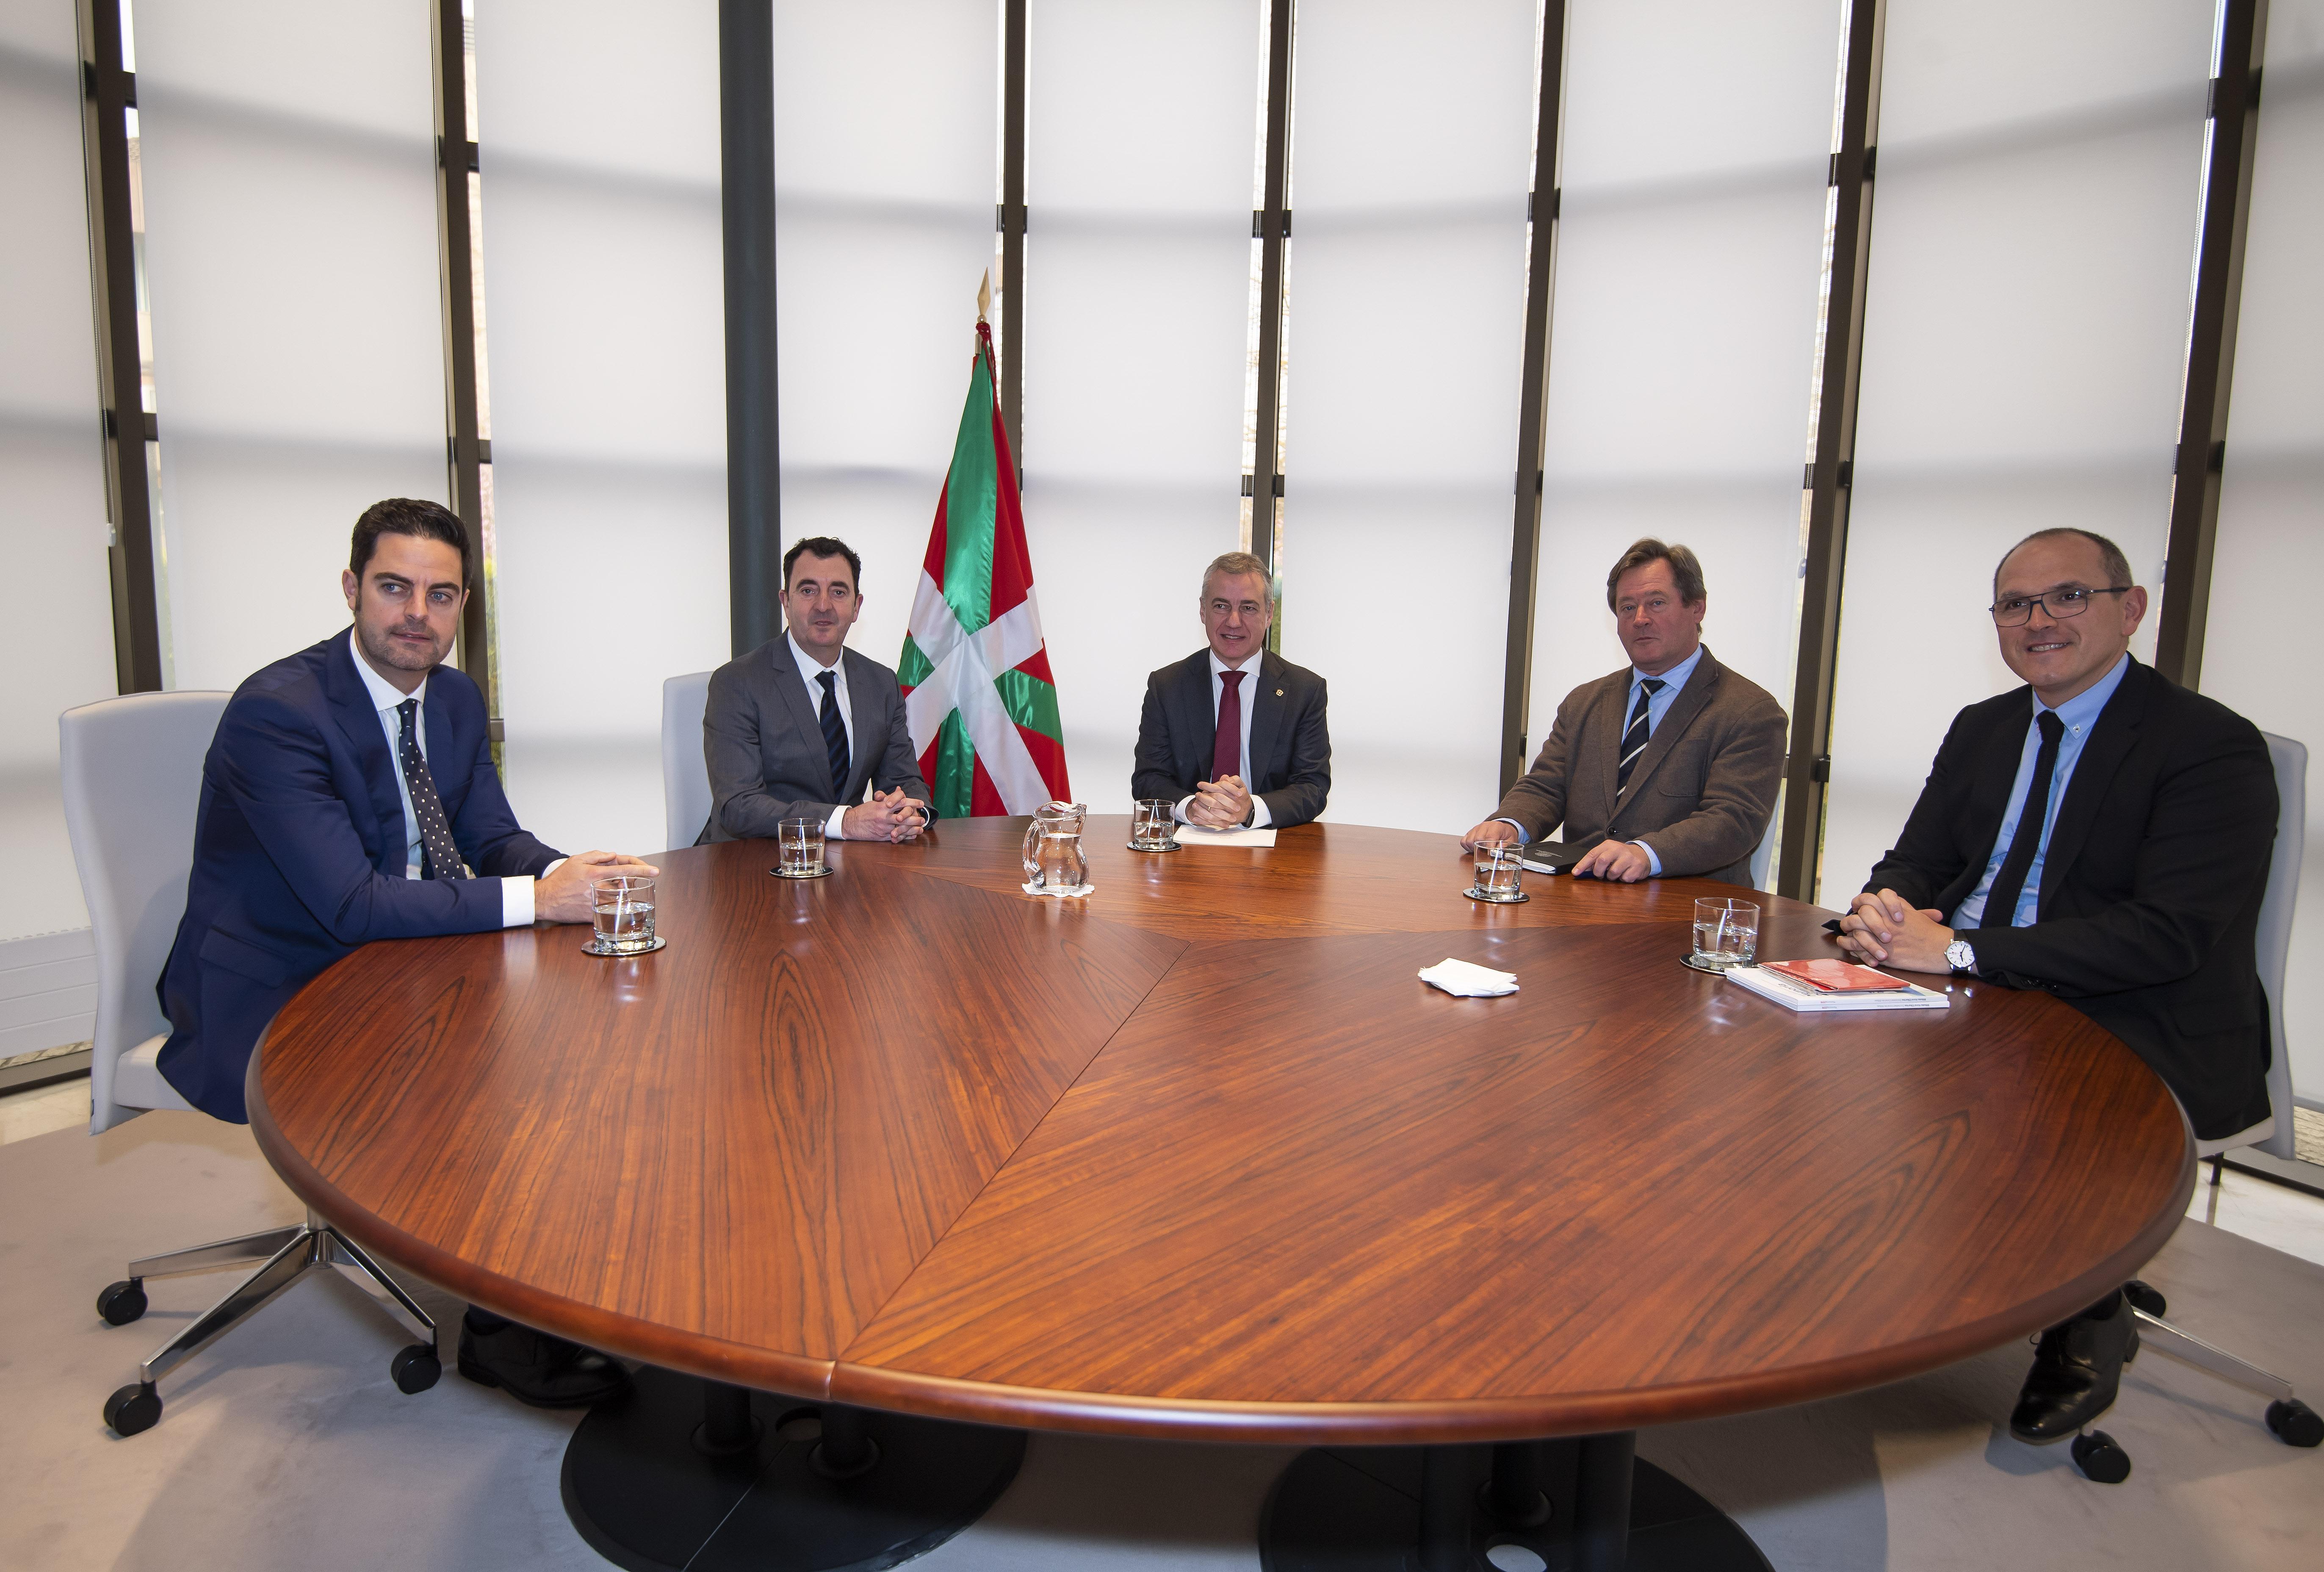 El Lehendakari recibe a responsables de la Sociedad Coral de Bilbao [0:33]